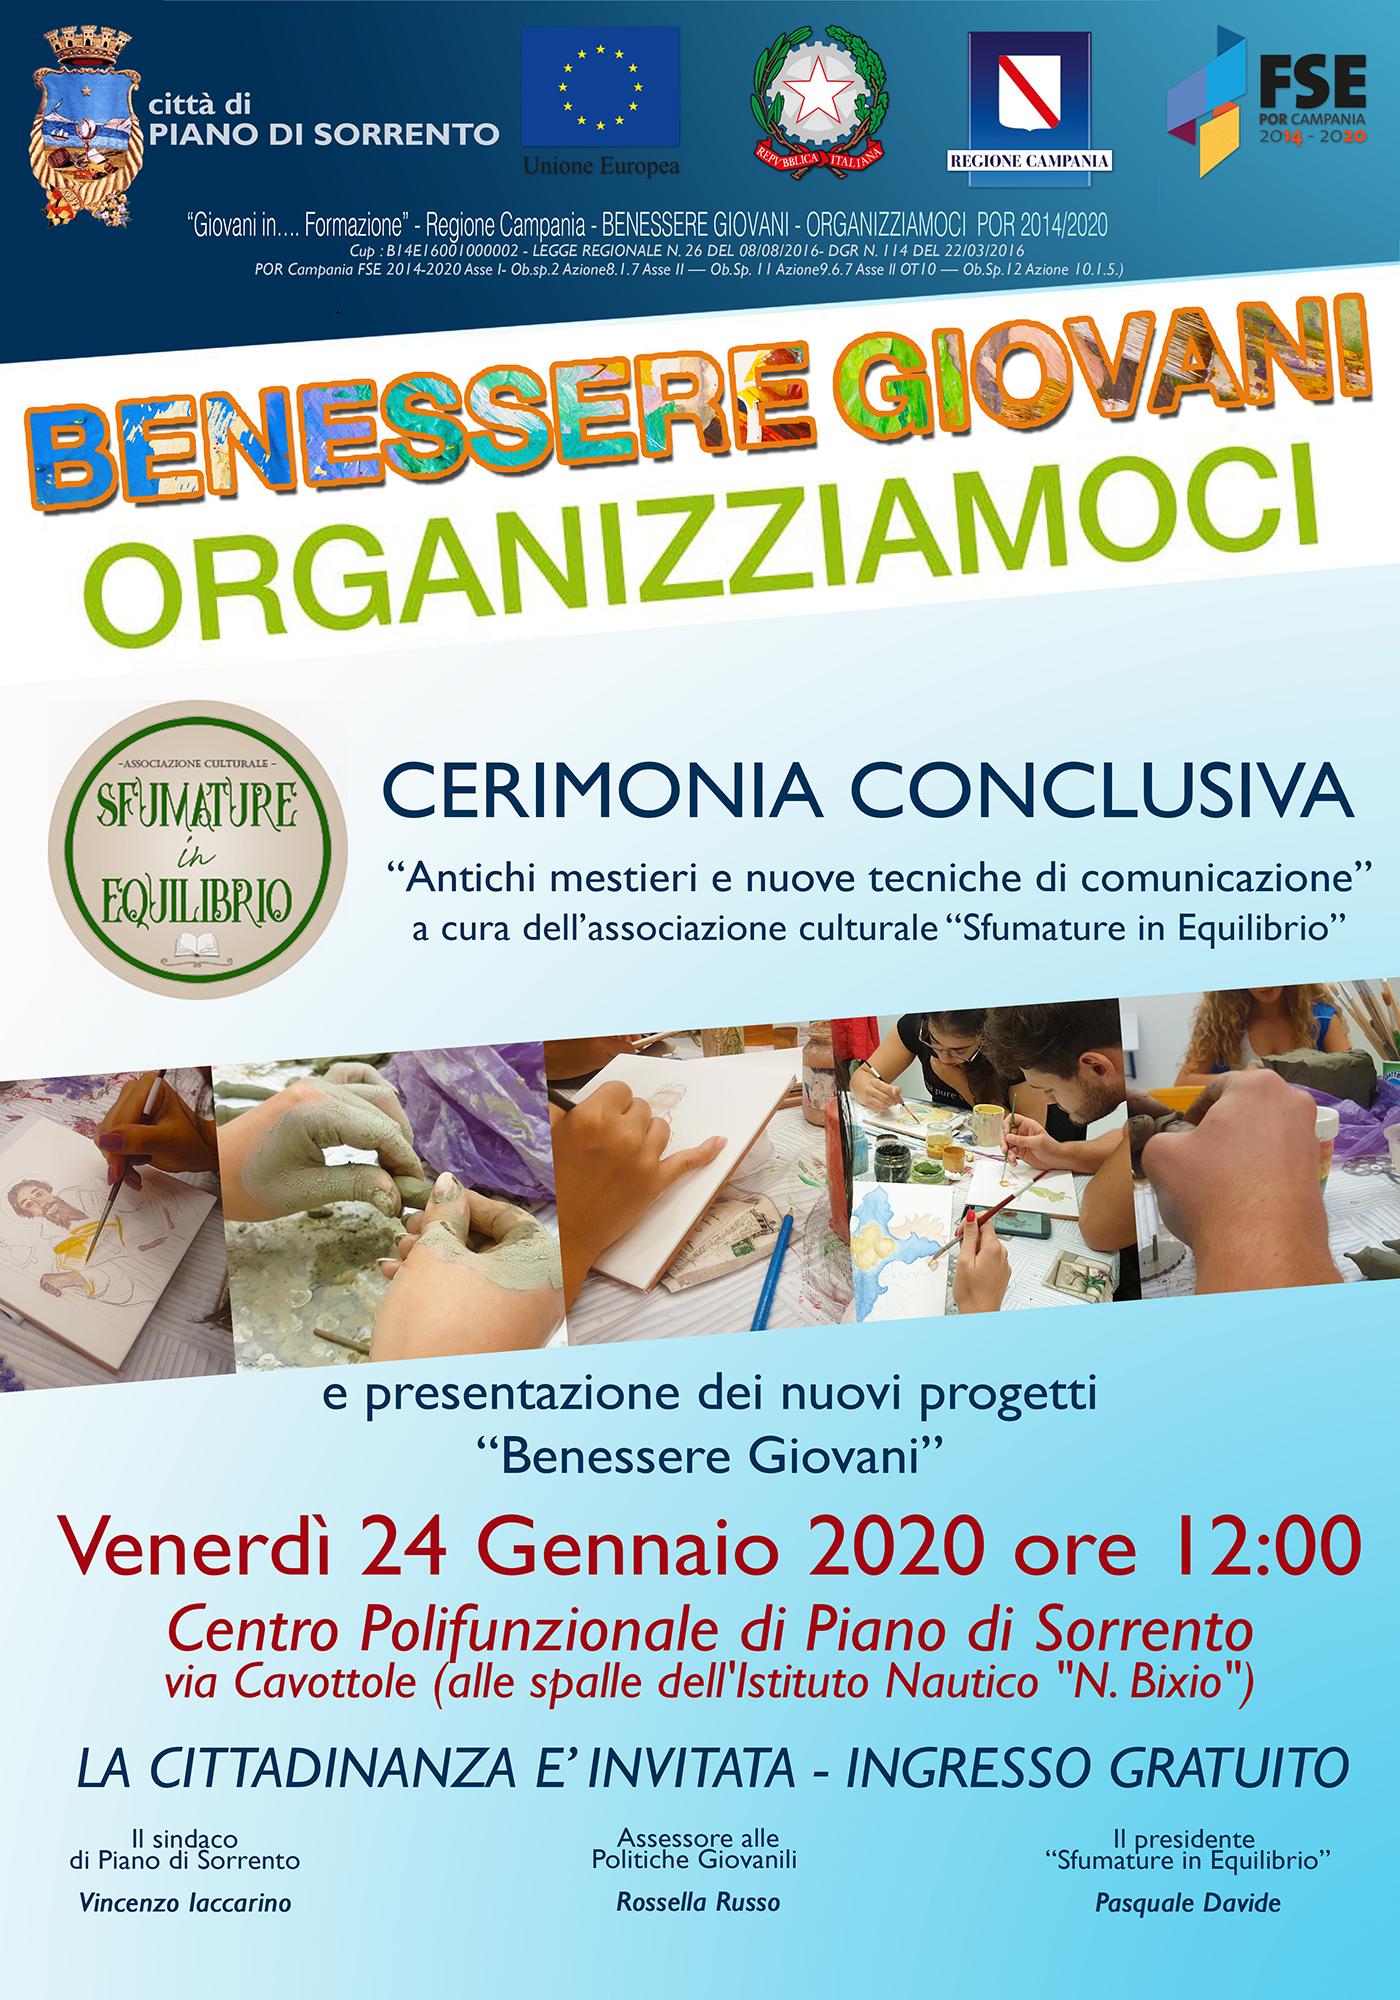 Benessere Giovani: appuntamento il 24 gennaio al Centro Polifunzionale di Piano di Sorrento